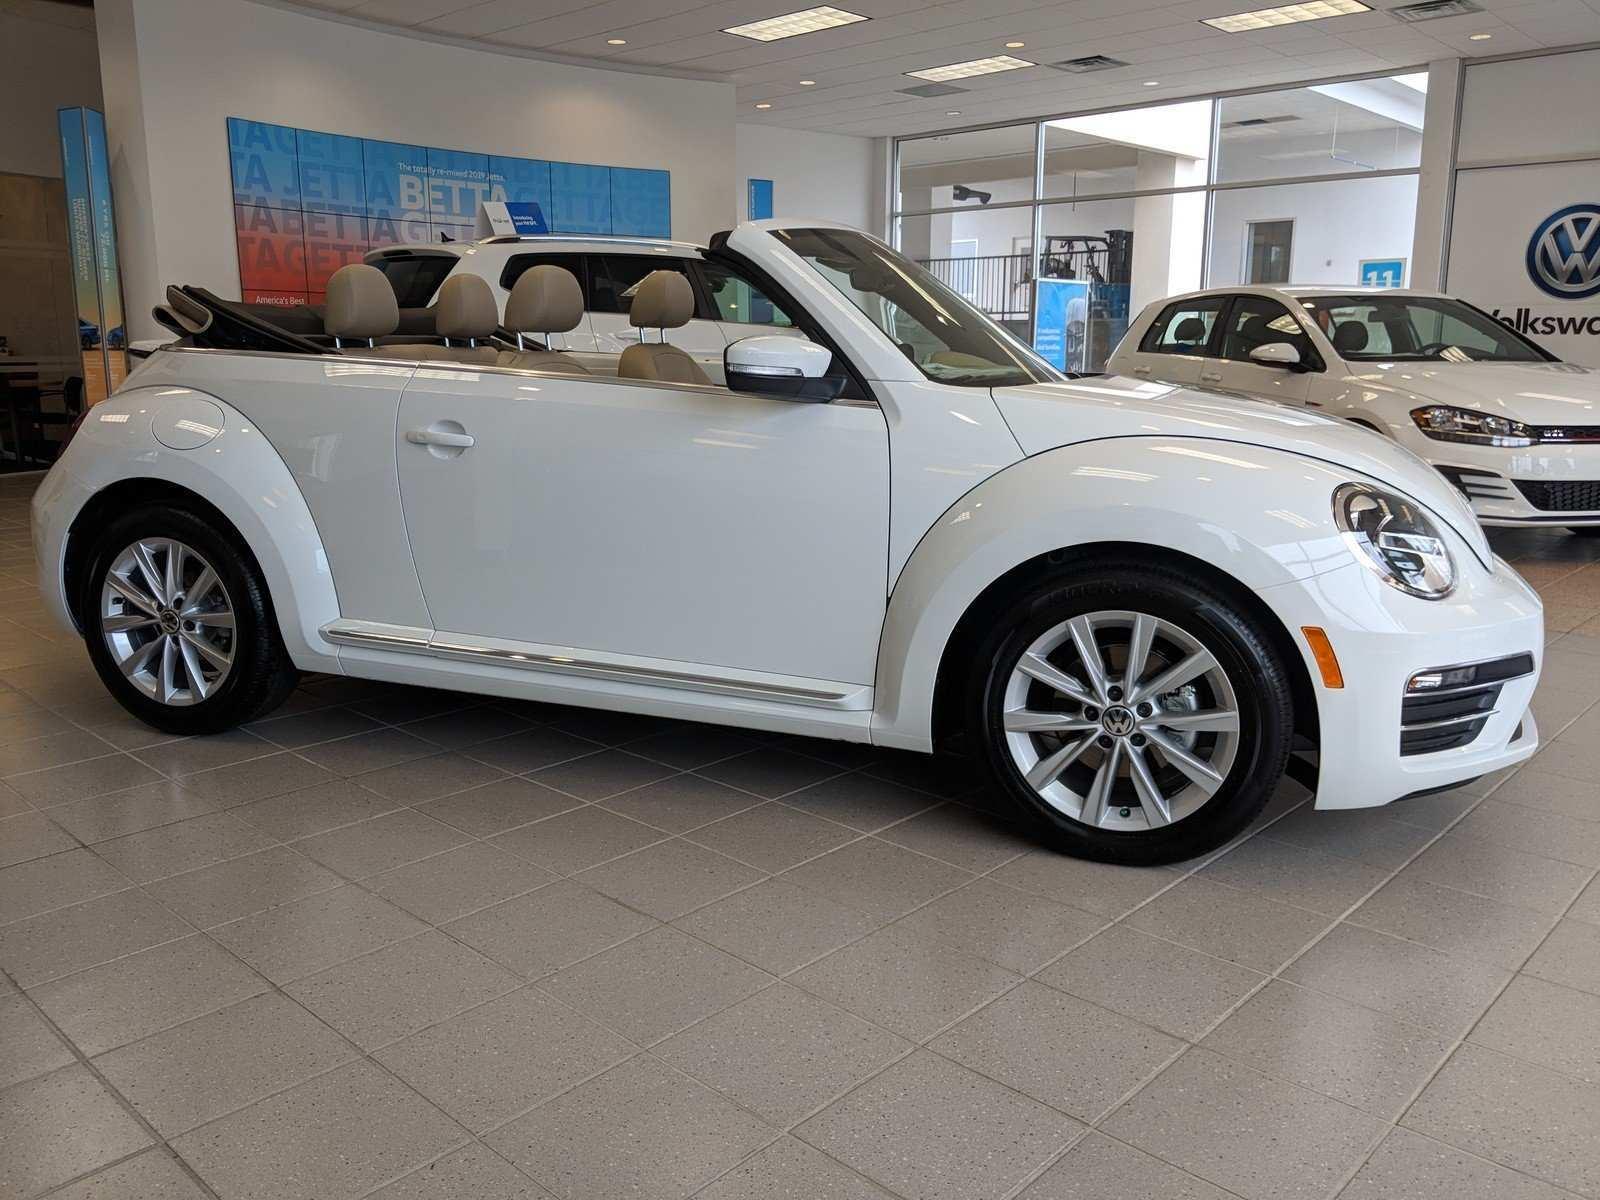 69 The Best Volkswagen Beetle 2019 Price Exterior And Interior Review Price and Review by Best Volkswagen Beetle 2019 Price Exterior And Interior Review